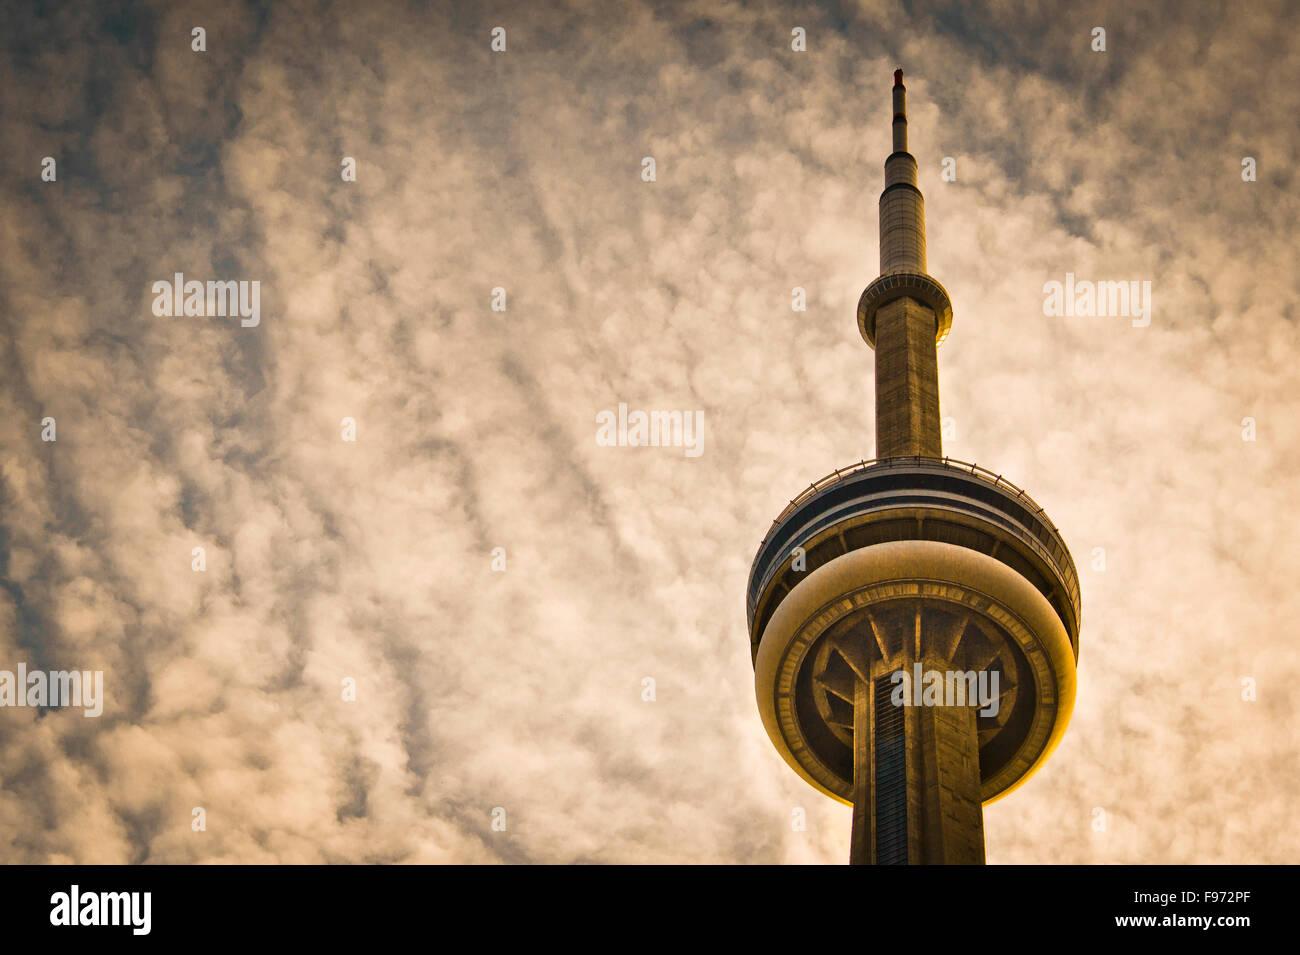 La CN Tower e cielo molto nuvoloso Immagini Stock